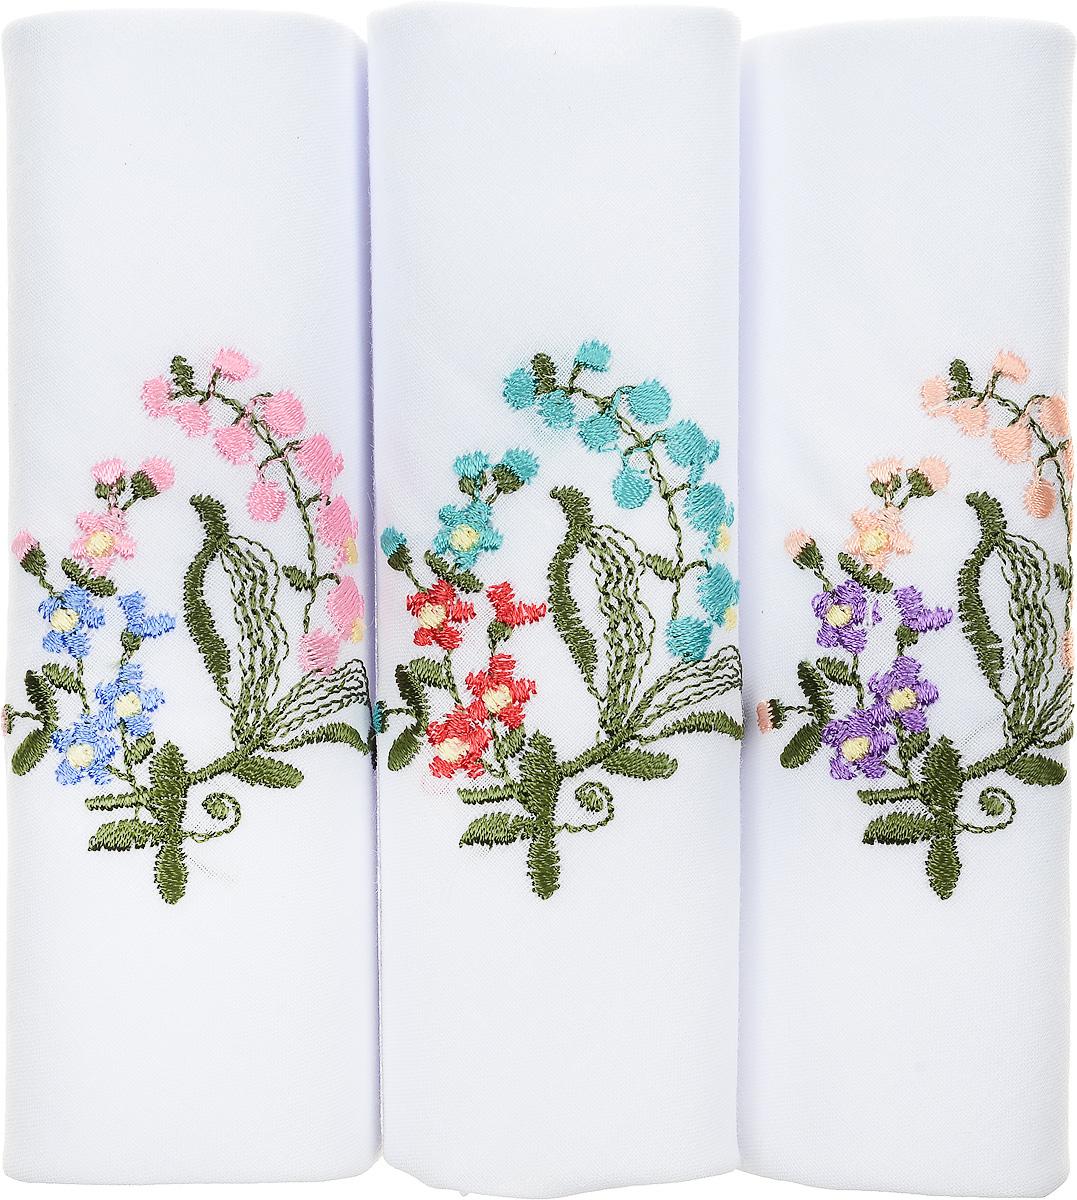 Платок носовой женский Zlata Korunka, цвет: мультиколор, 3 шт. 40320-4. Размер 43 см х 43 см40320-4